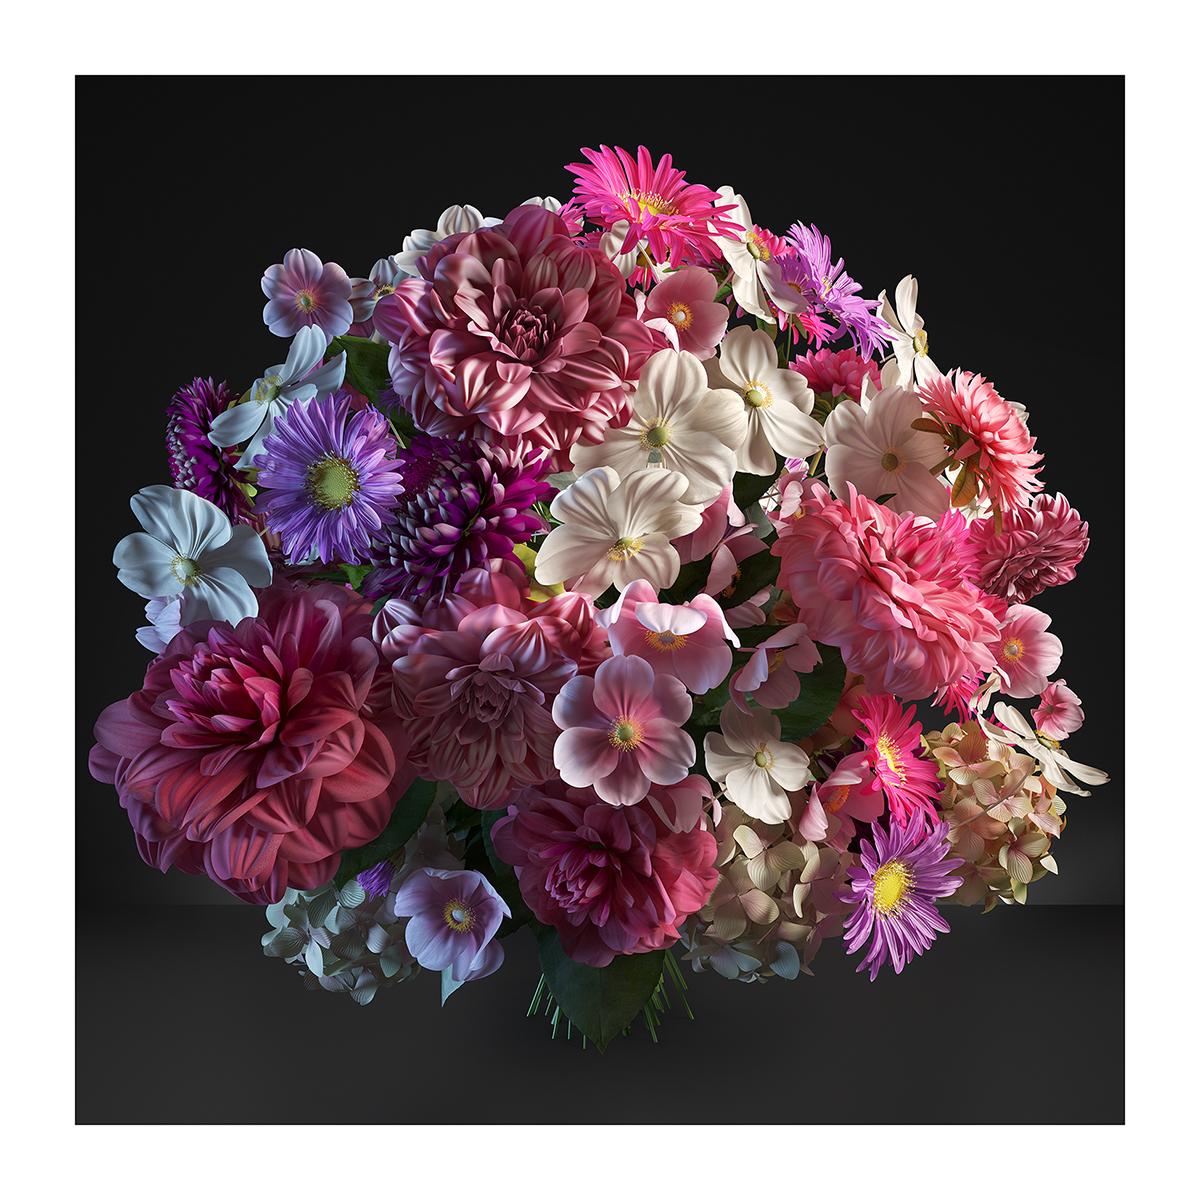 315 Virtual Flowers 2021 I 002 - 2021 - Virtual Flowers. 2021. I